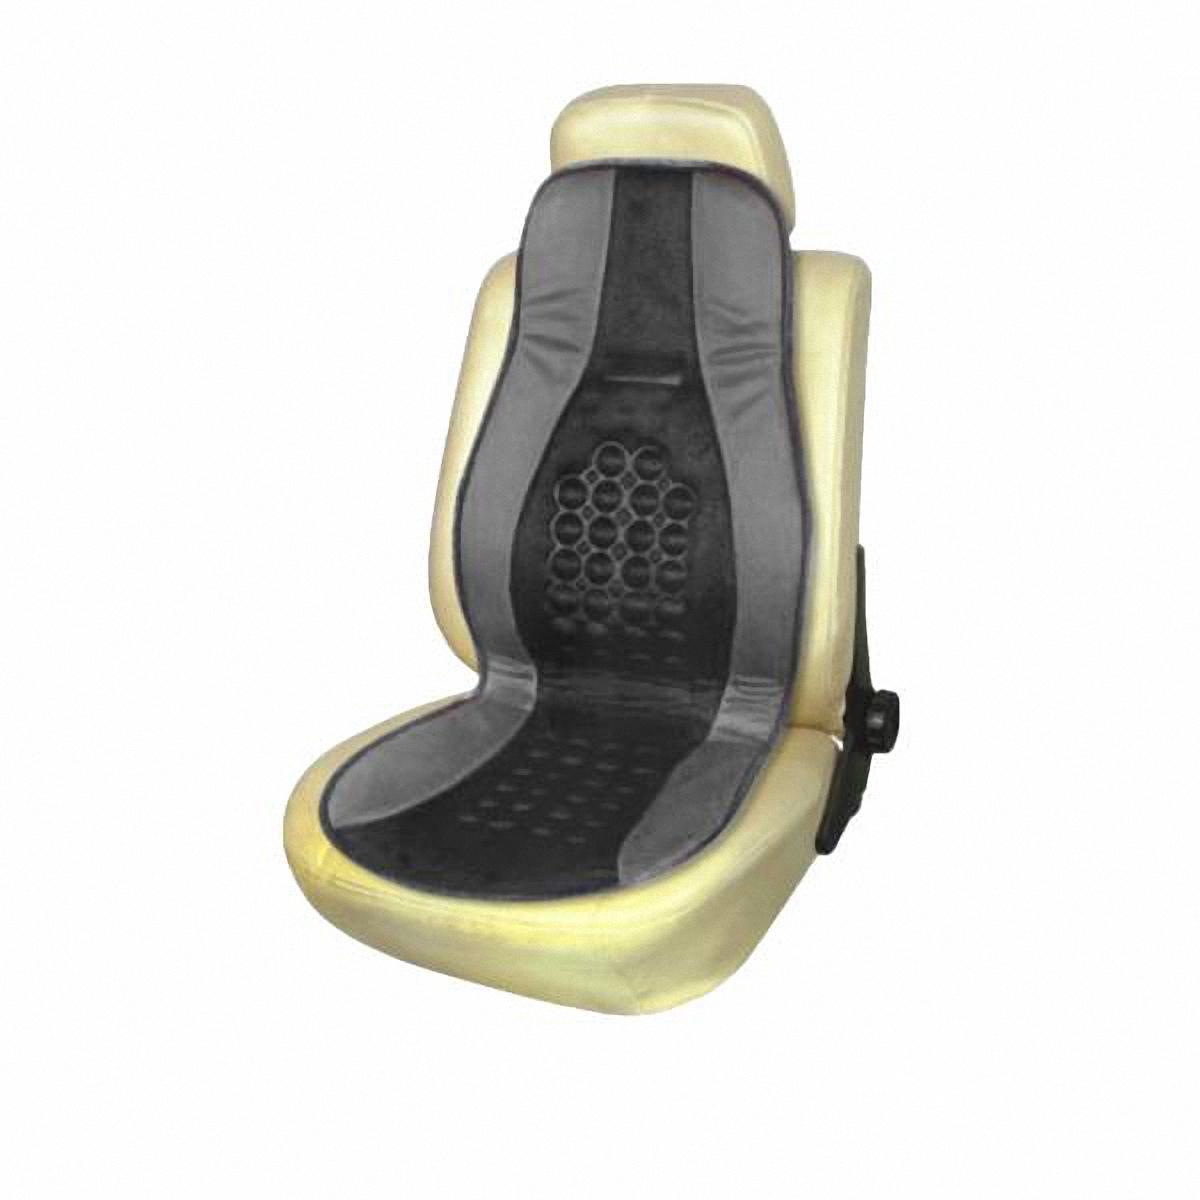 Накидки автомобильные Skyway. SW-102099 BK/GY /S01302003SW-102099 BK/GY /S01302003Накидки на сидения SKYWAY – это изящное сочетание стиля и качества. Выполненные из особого материала они расслабляют мышцы спины при поездке, благотворно влияя на позвоночник. Так просто получить ощущение легкого массажа. С ними салон становится уютнее, а сами сидения – удобнее.